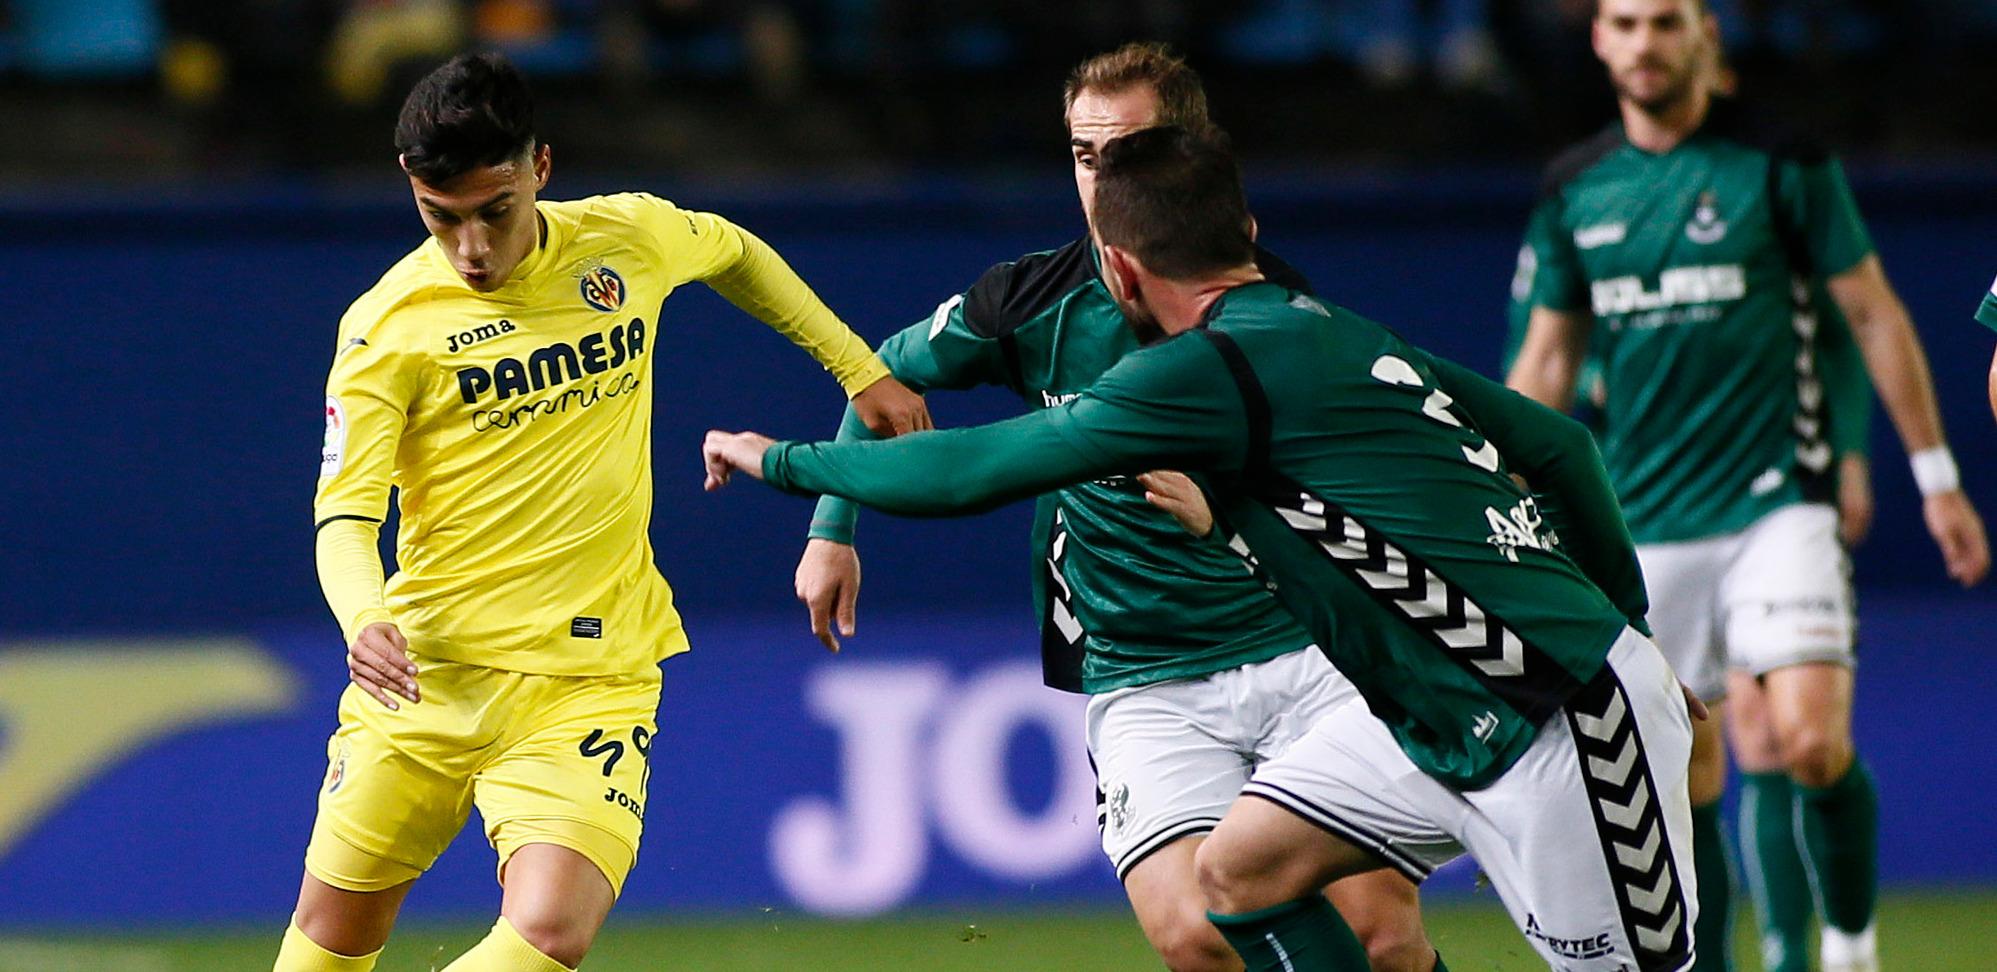 Leo Suárez, ante el CD Toledo, en una de sus primeras apariciones con el primer equipo del Villarreal CF | <em><strong>Foto: LaLiga</strong></em>